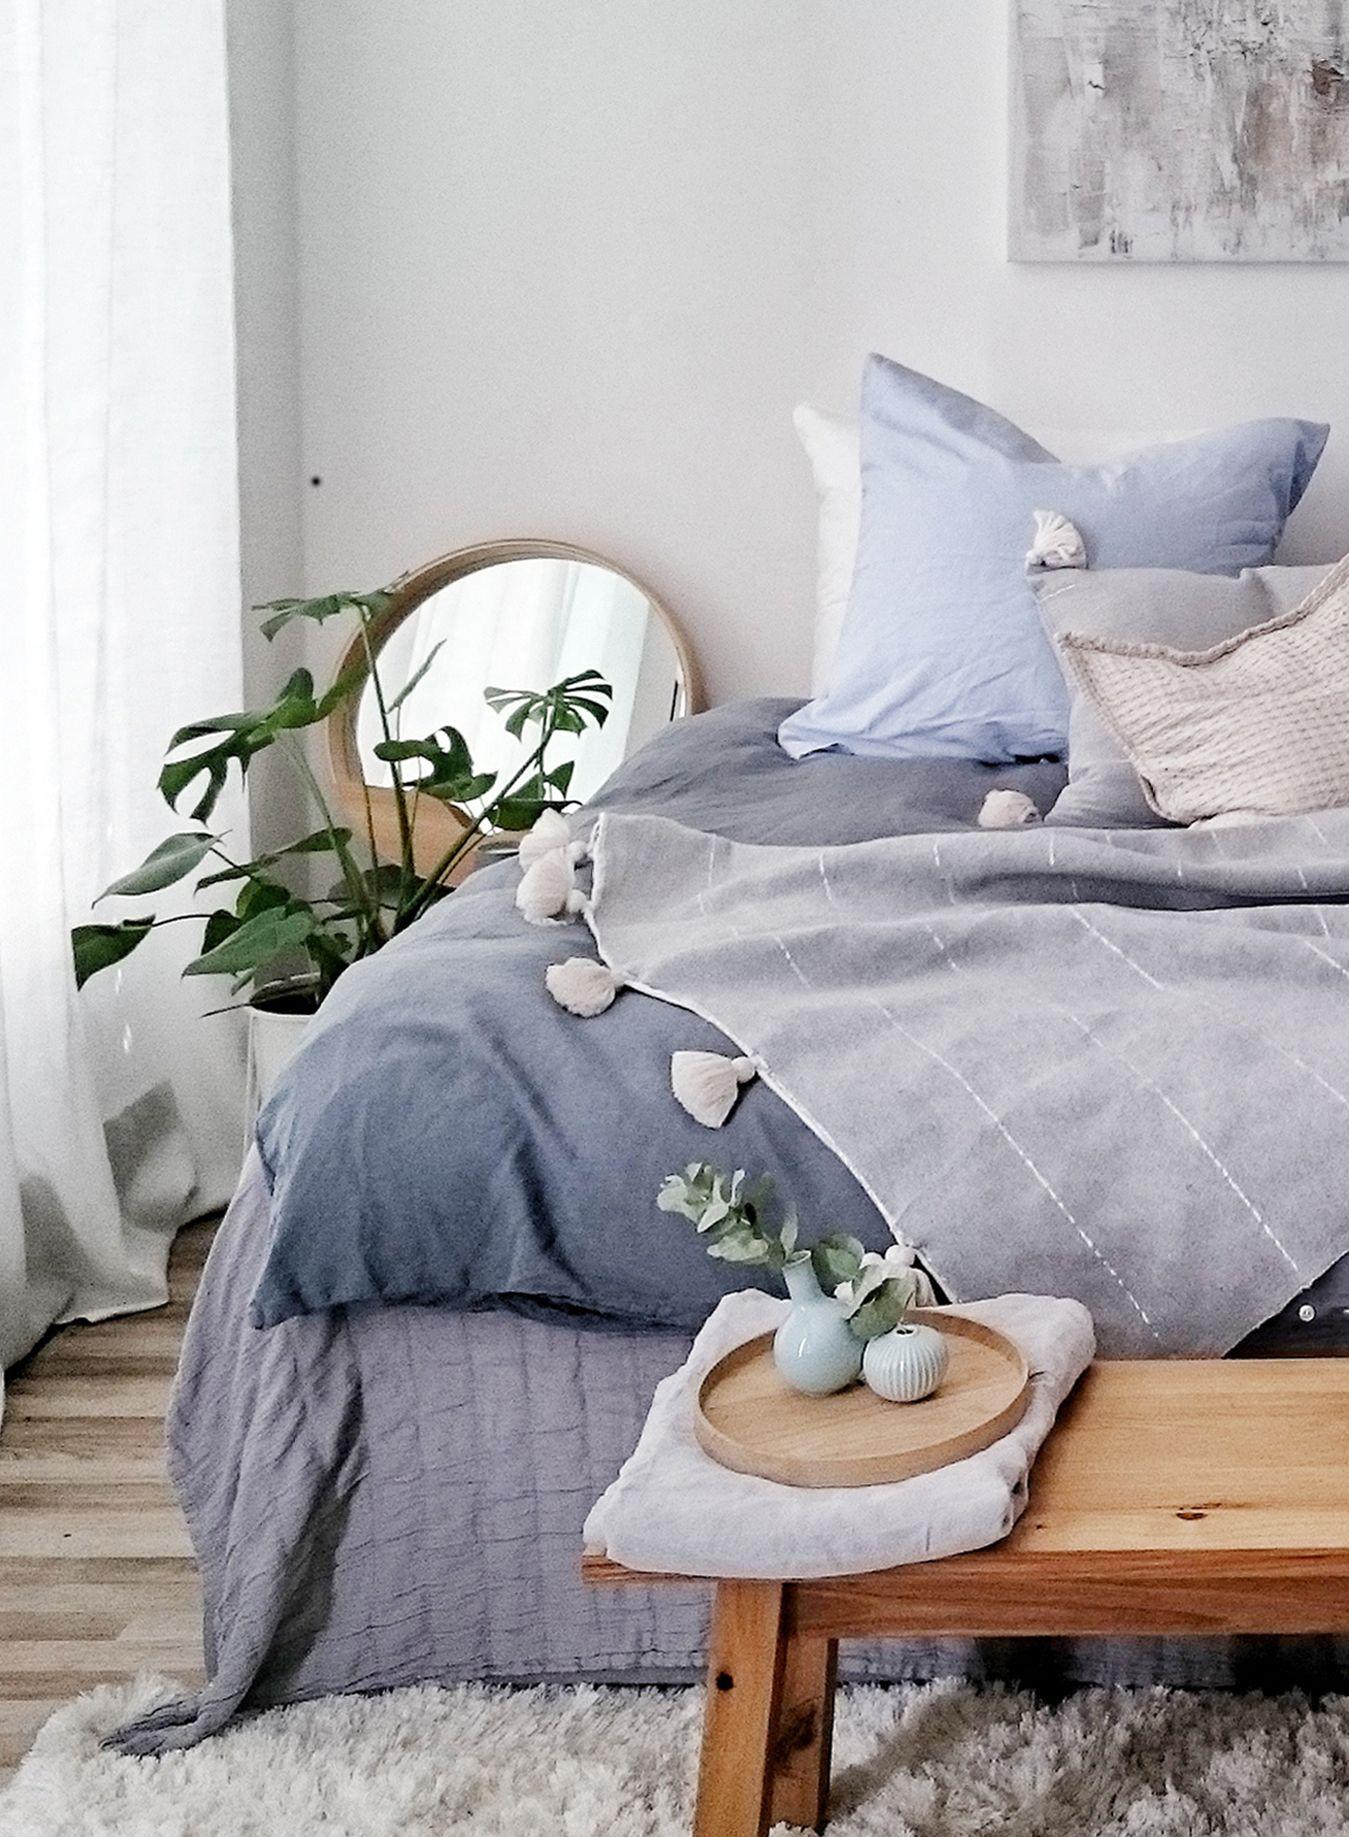 Schlafzimmer Deko Natur Ein Traum Von Schlafzimmer In Blau Und Natur  Kombiniert